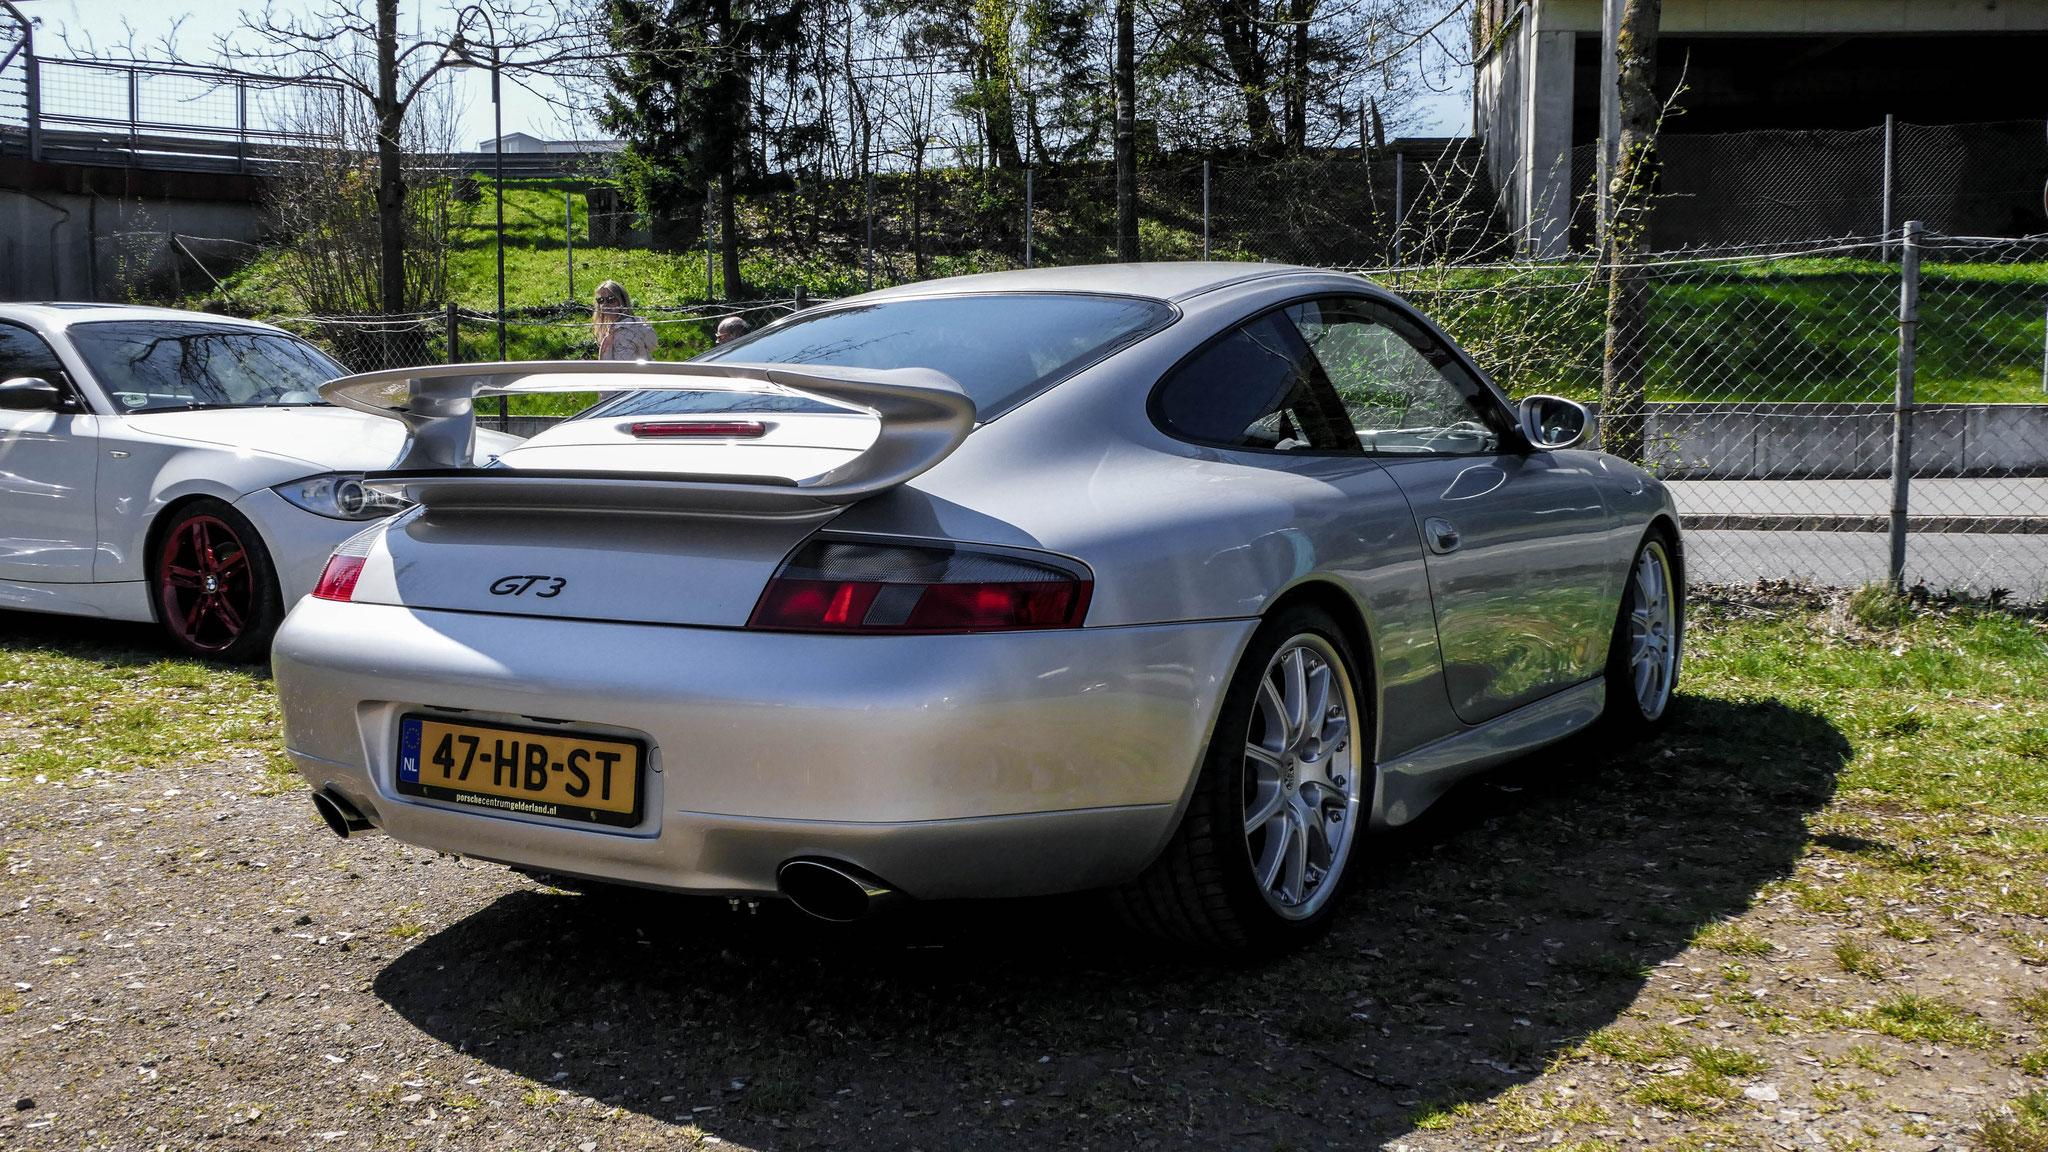 Porsche GT3 996 - 47-HB-ST (NL)